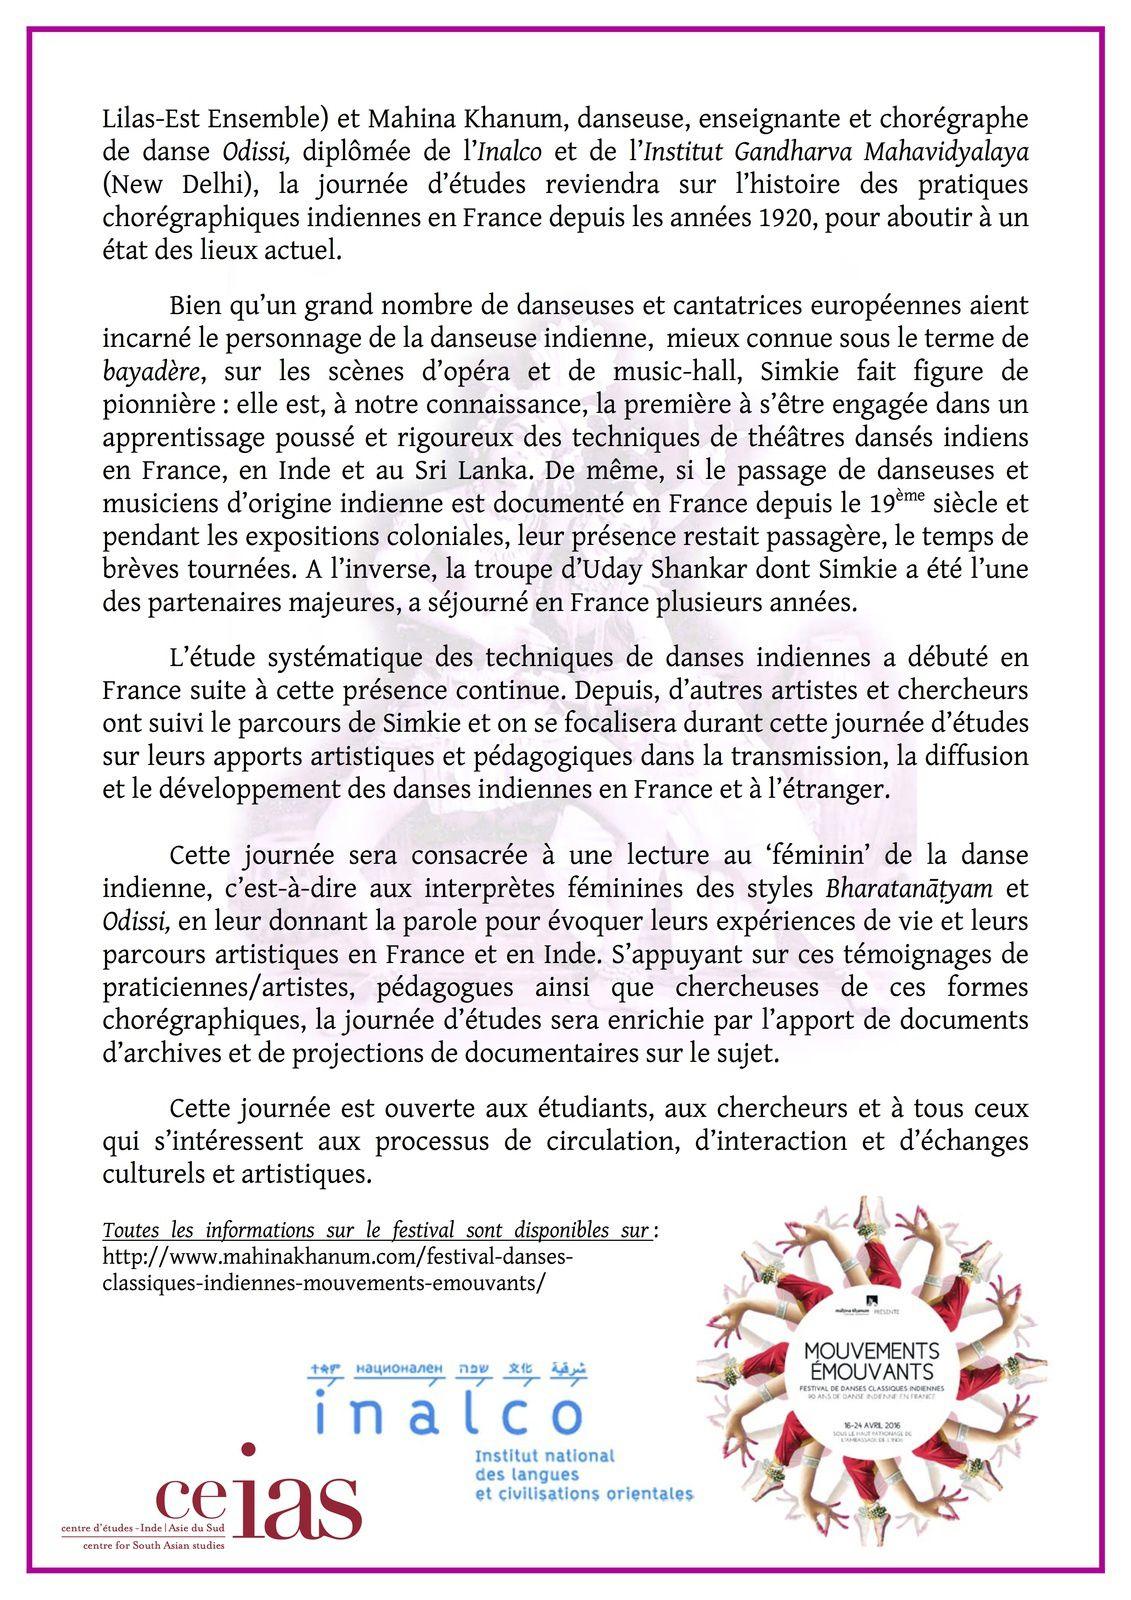 90 ans de danse indienne en France. Circulation, interaction, échanges... Focus sur deux styles : Bharatanāṭyam et Odissi